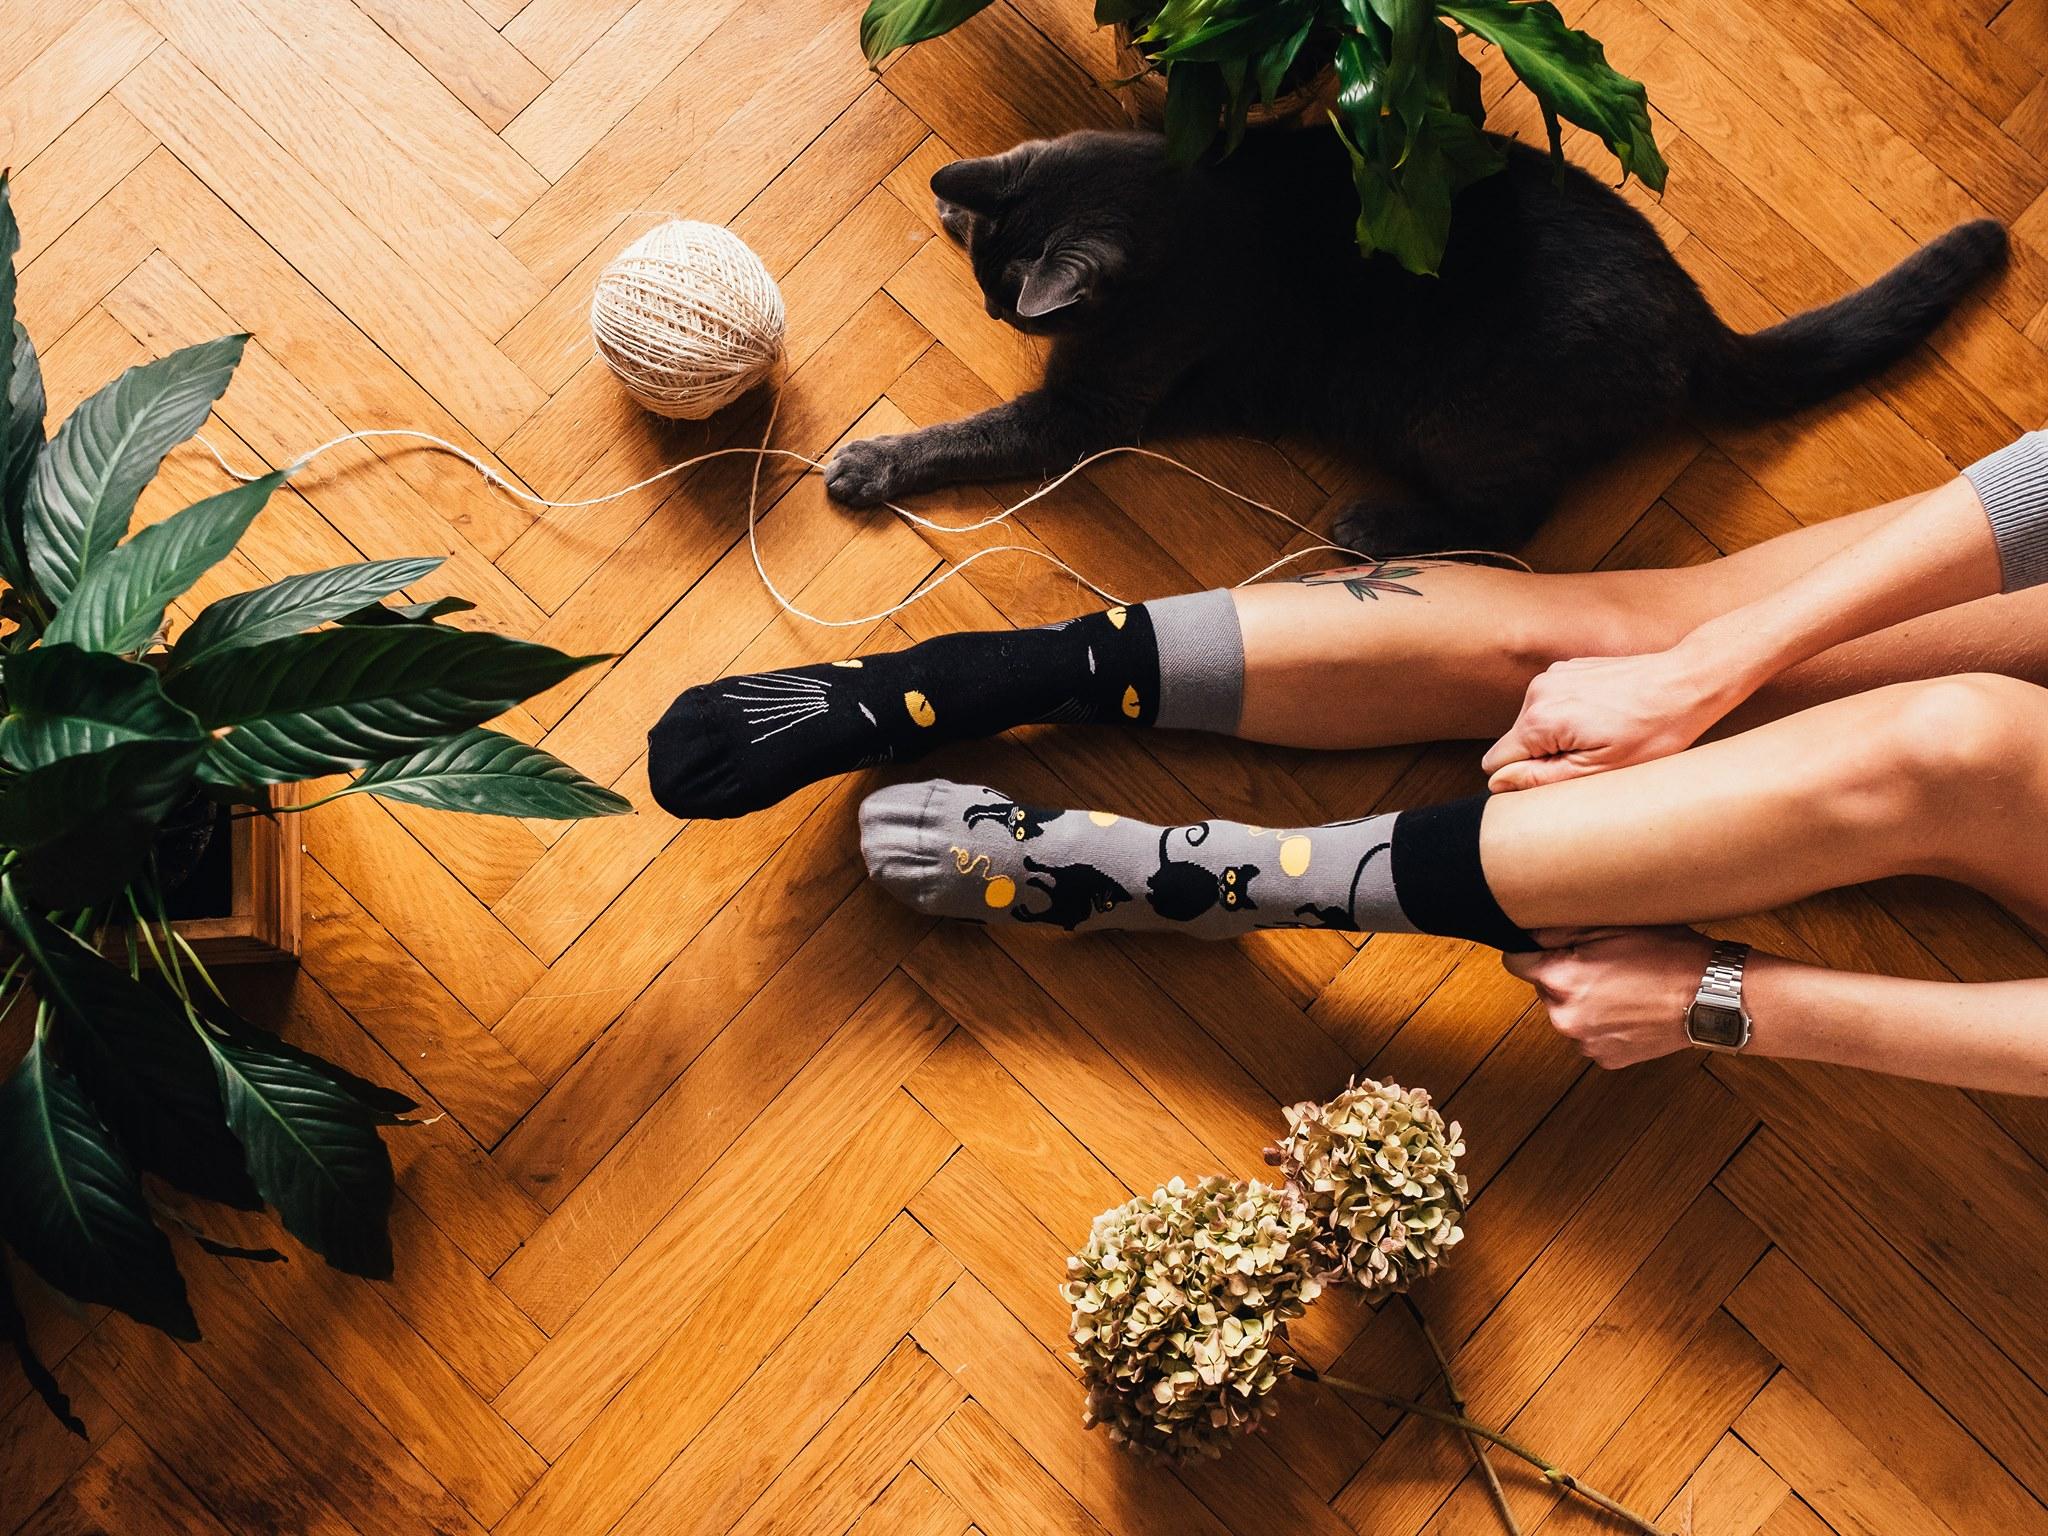 Proč ponožky? - Rozdílné ponožky se staly symbolem Světového dne Downova syndromu i proto, že chromozom má tvar ponožky. Datum 21. 3. je také symbolický, neboť právě 21. chromozom mají lidé s tímto onemocněním jeden navíc. Namísto dvou je mají až tři. Genetická porucha se nazývá Trizomie 21. chromozomu, a právě kvůli ní mají lidé s Downovým syndromem typické znaky jejich vzhledu.